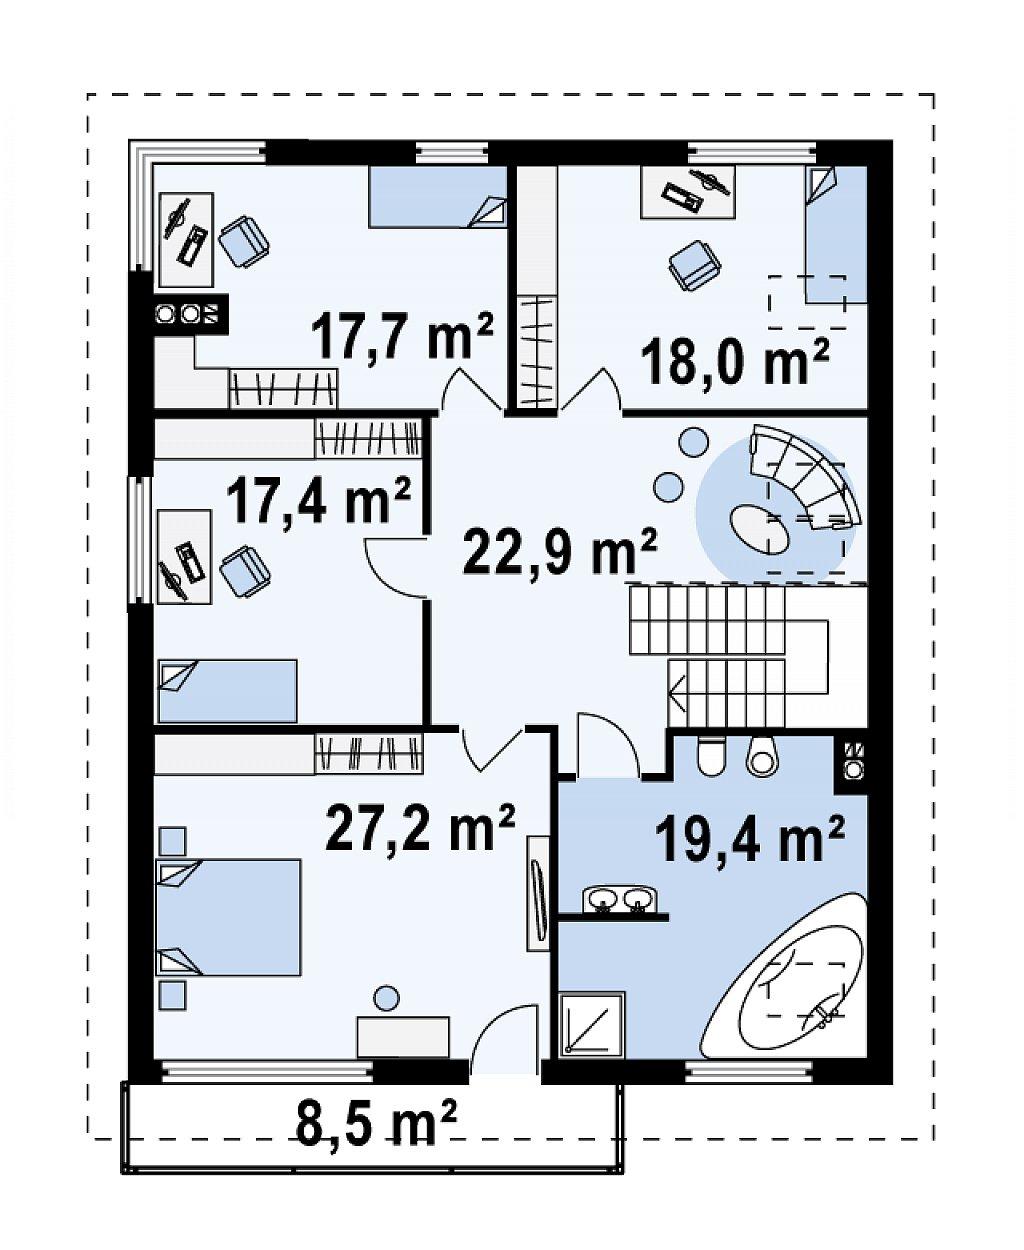 Проект выгодного и практичного двухэтажного дома с подвальным помещение, с дополнительной комнатой на первом этаже. план помещений 3